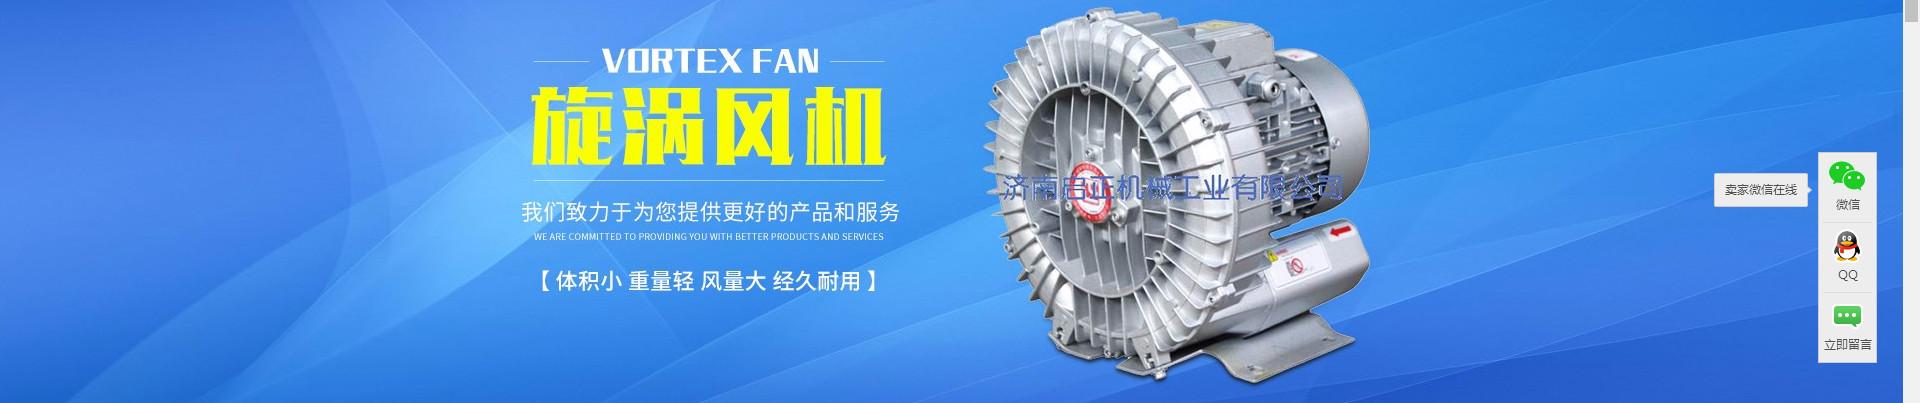 济南启正机械工业有限公司